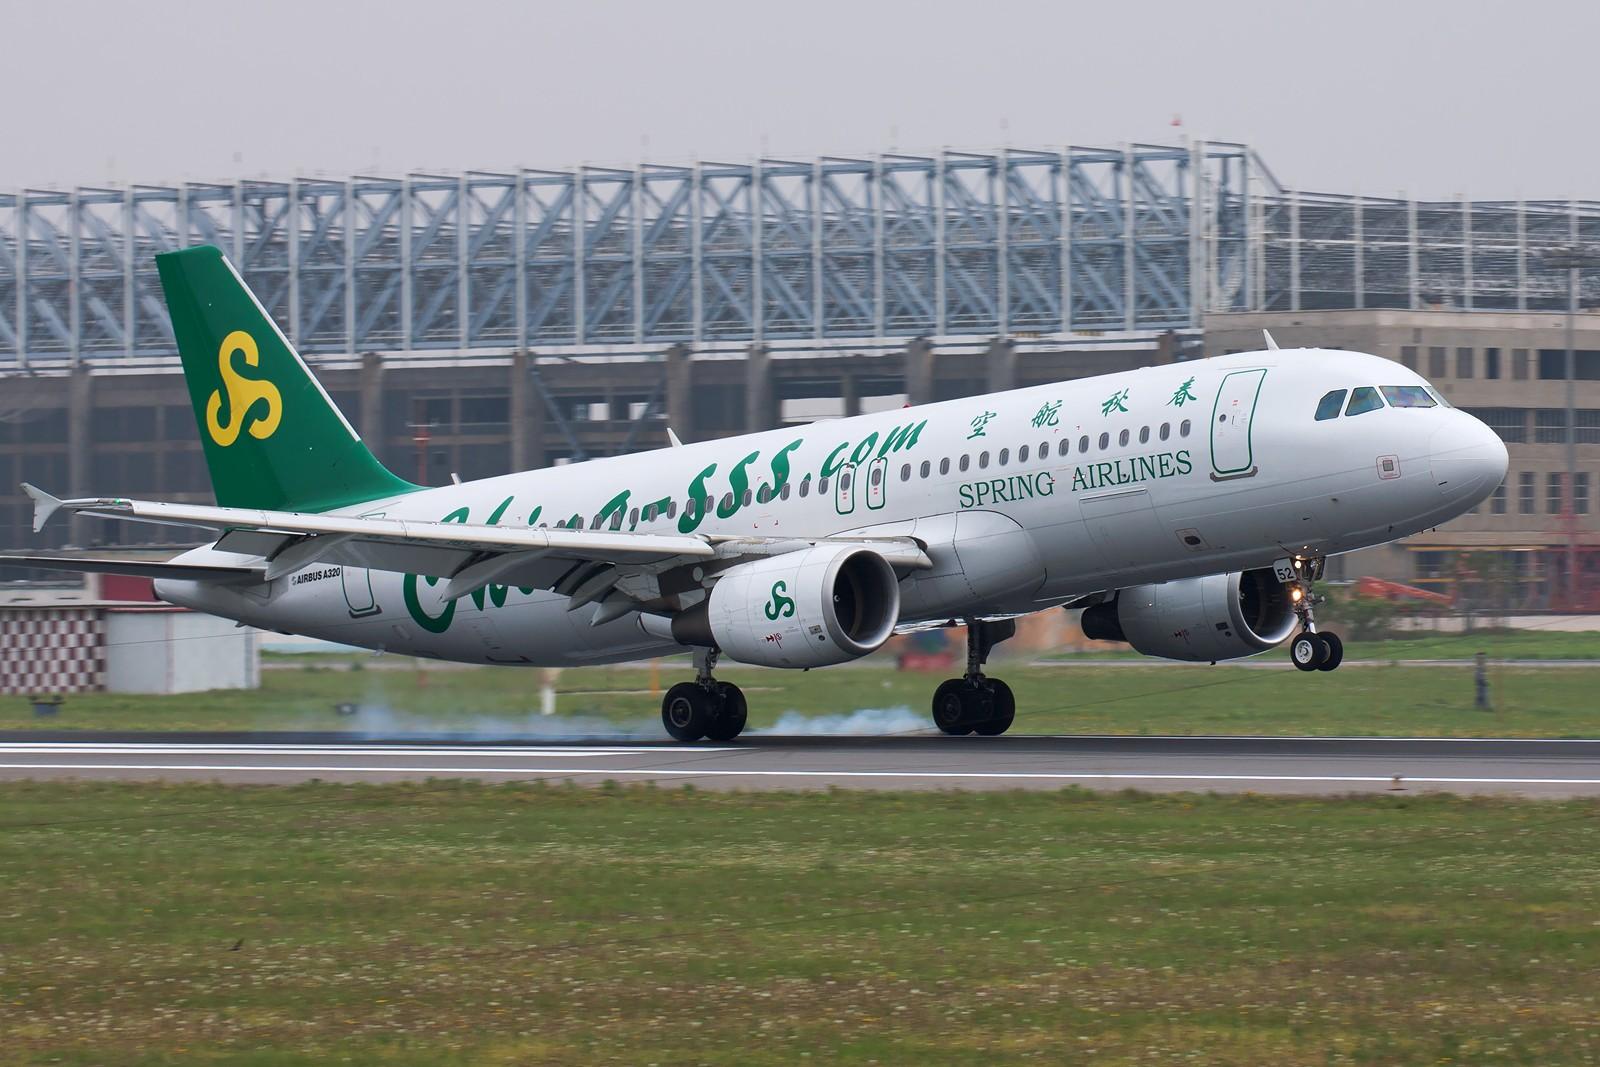 Re:[原创]周末SHE拍机组图【20P】 AIRBUS A320-214 B-6852 中国沈阳桃仙机场